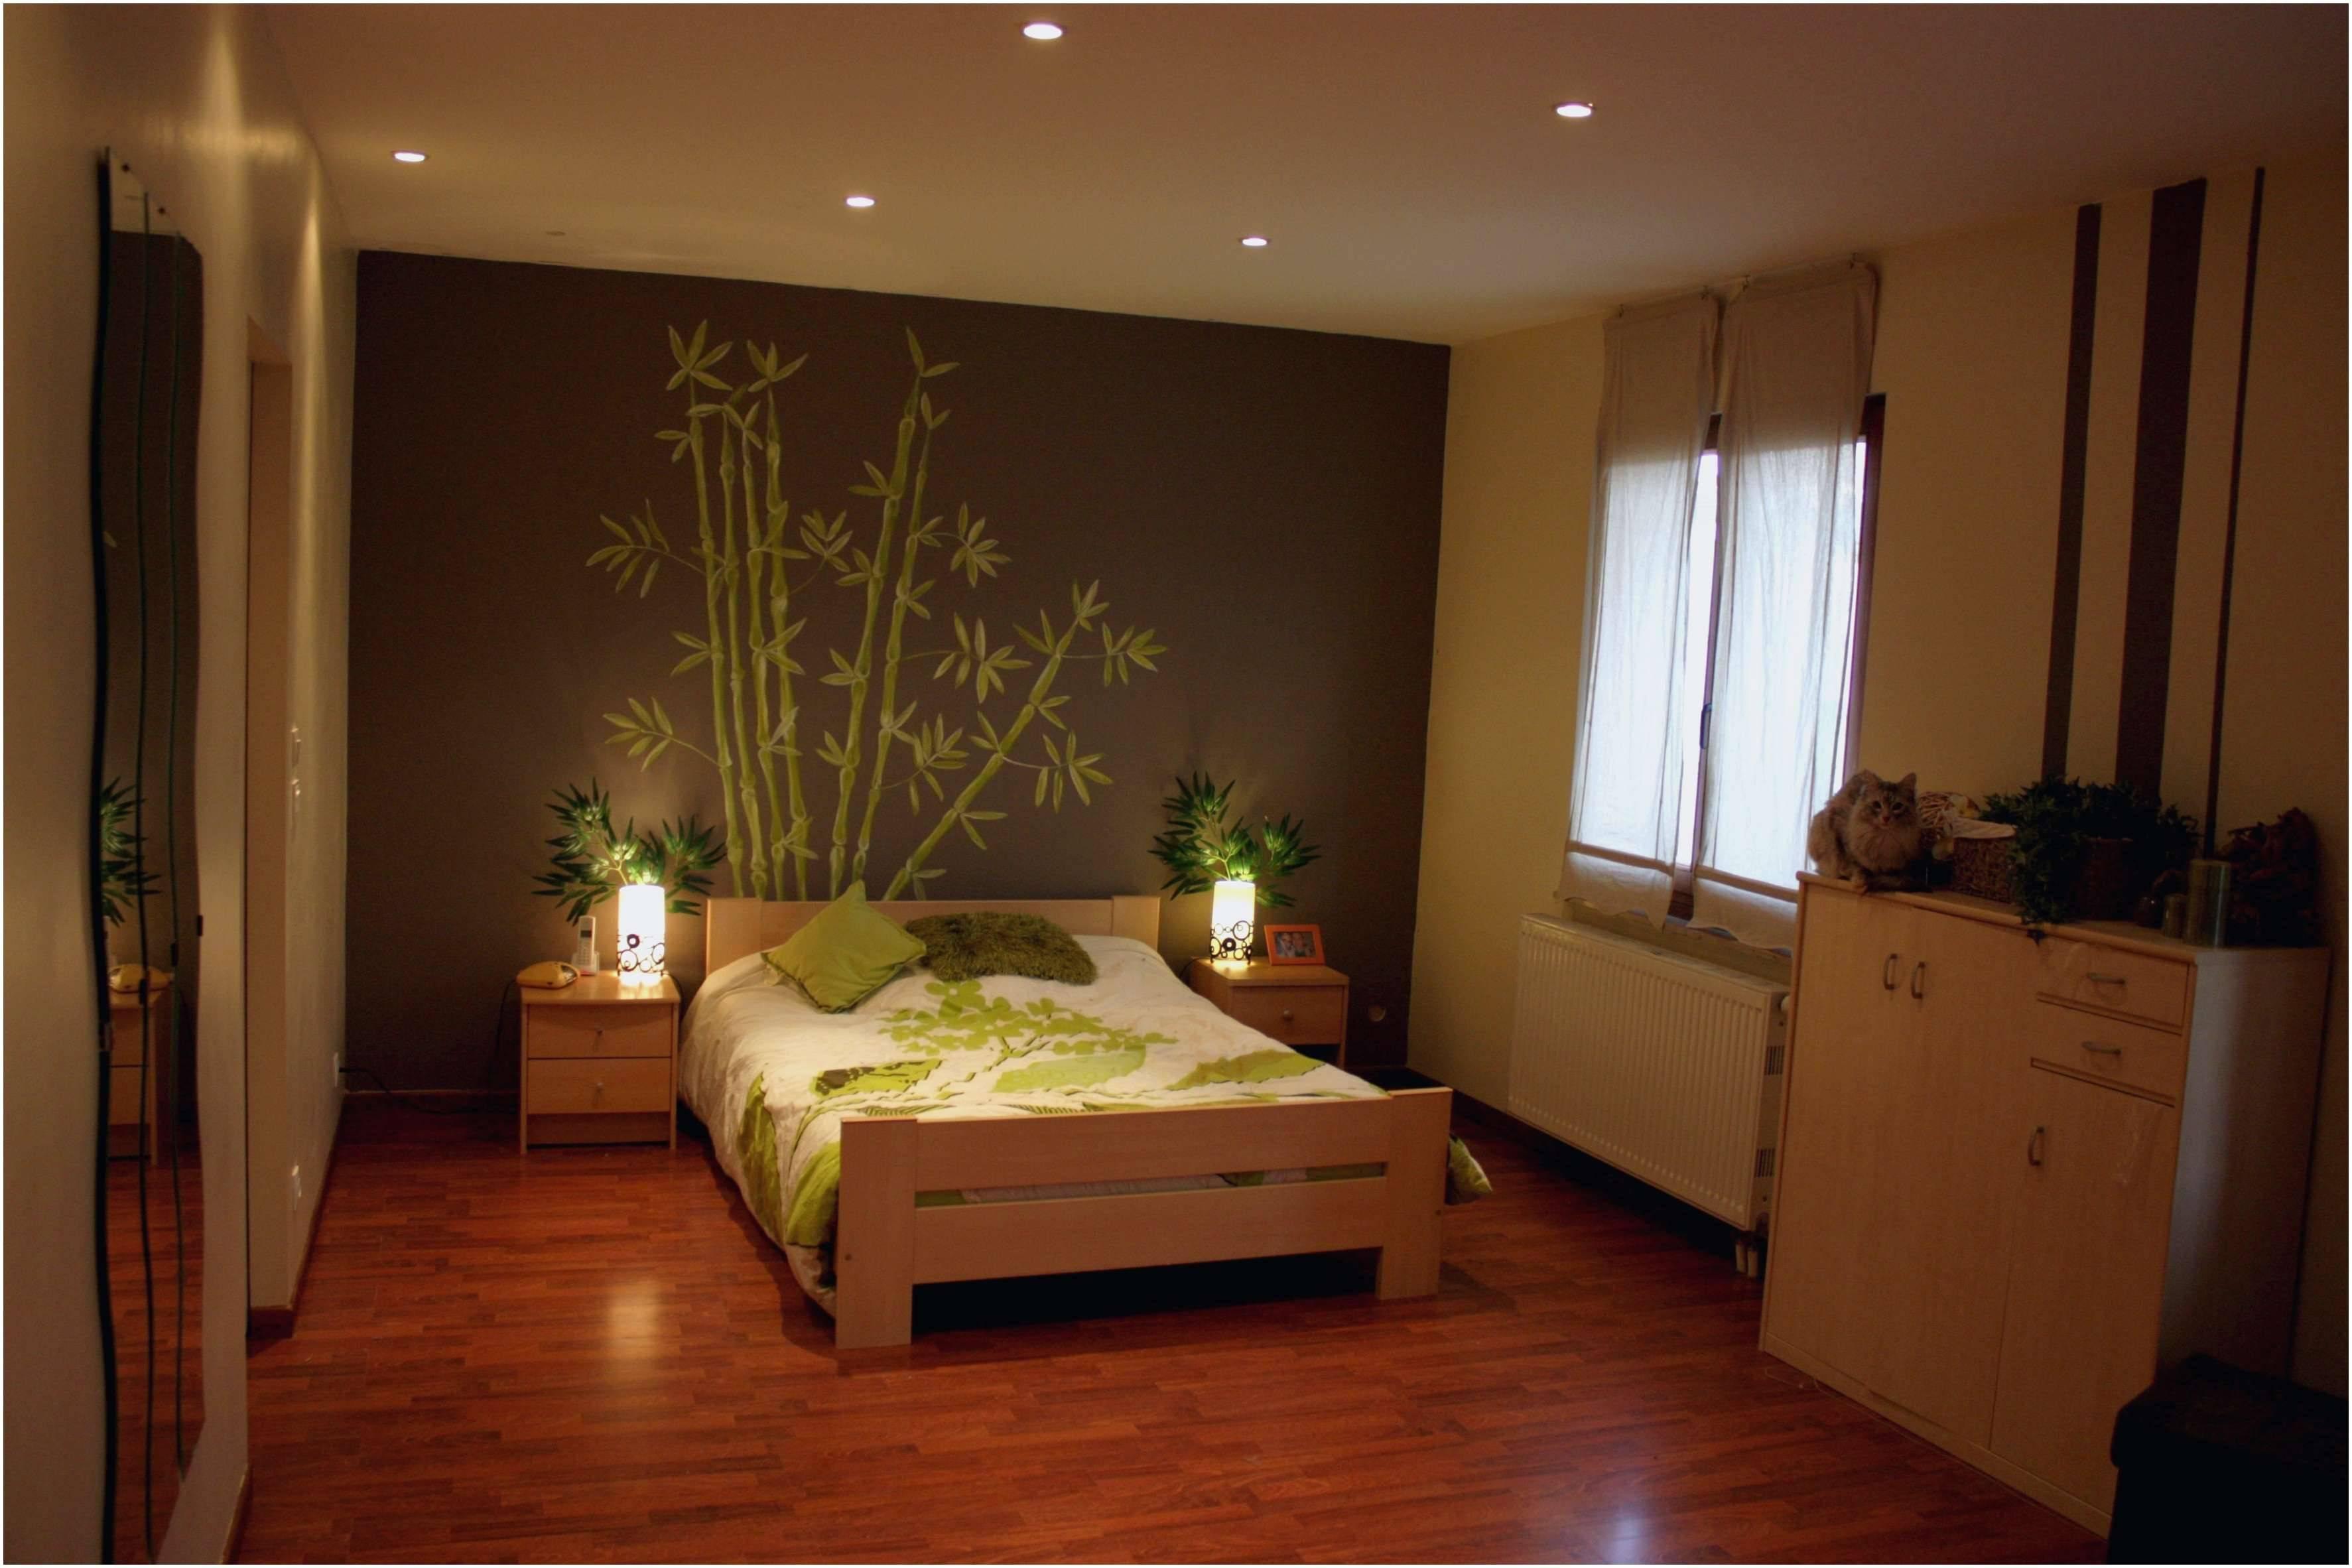 idee peinture chambre fille frais couleur peinture chambre adulte avec decoration id c3 a9e d c3 of idee peinture chambre fille